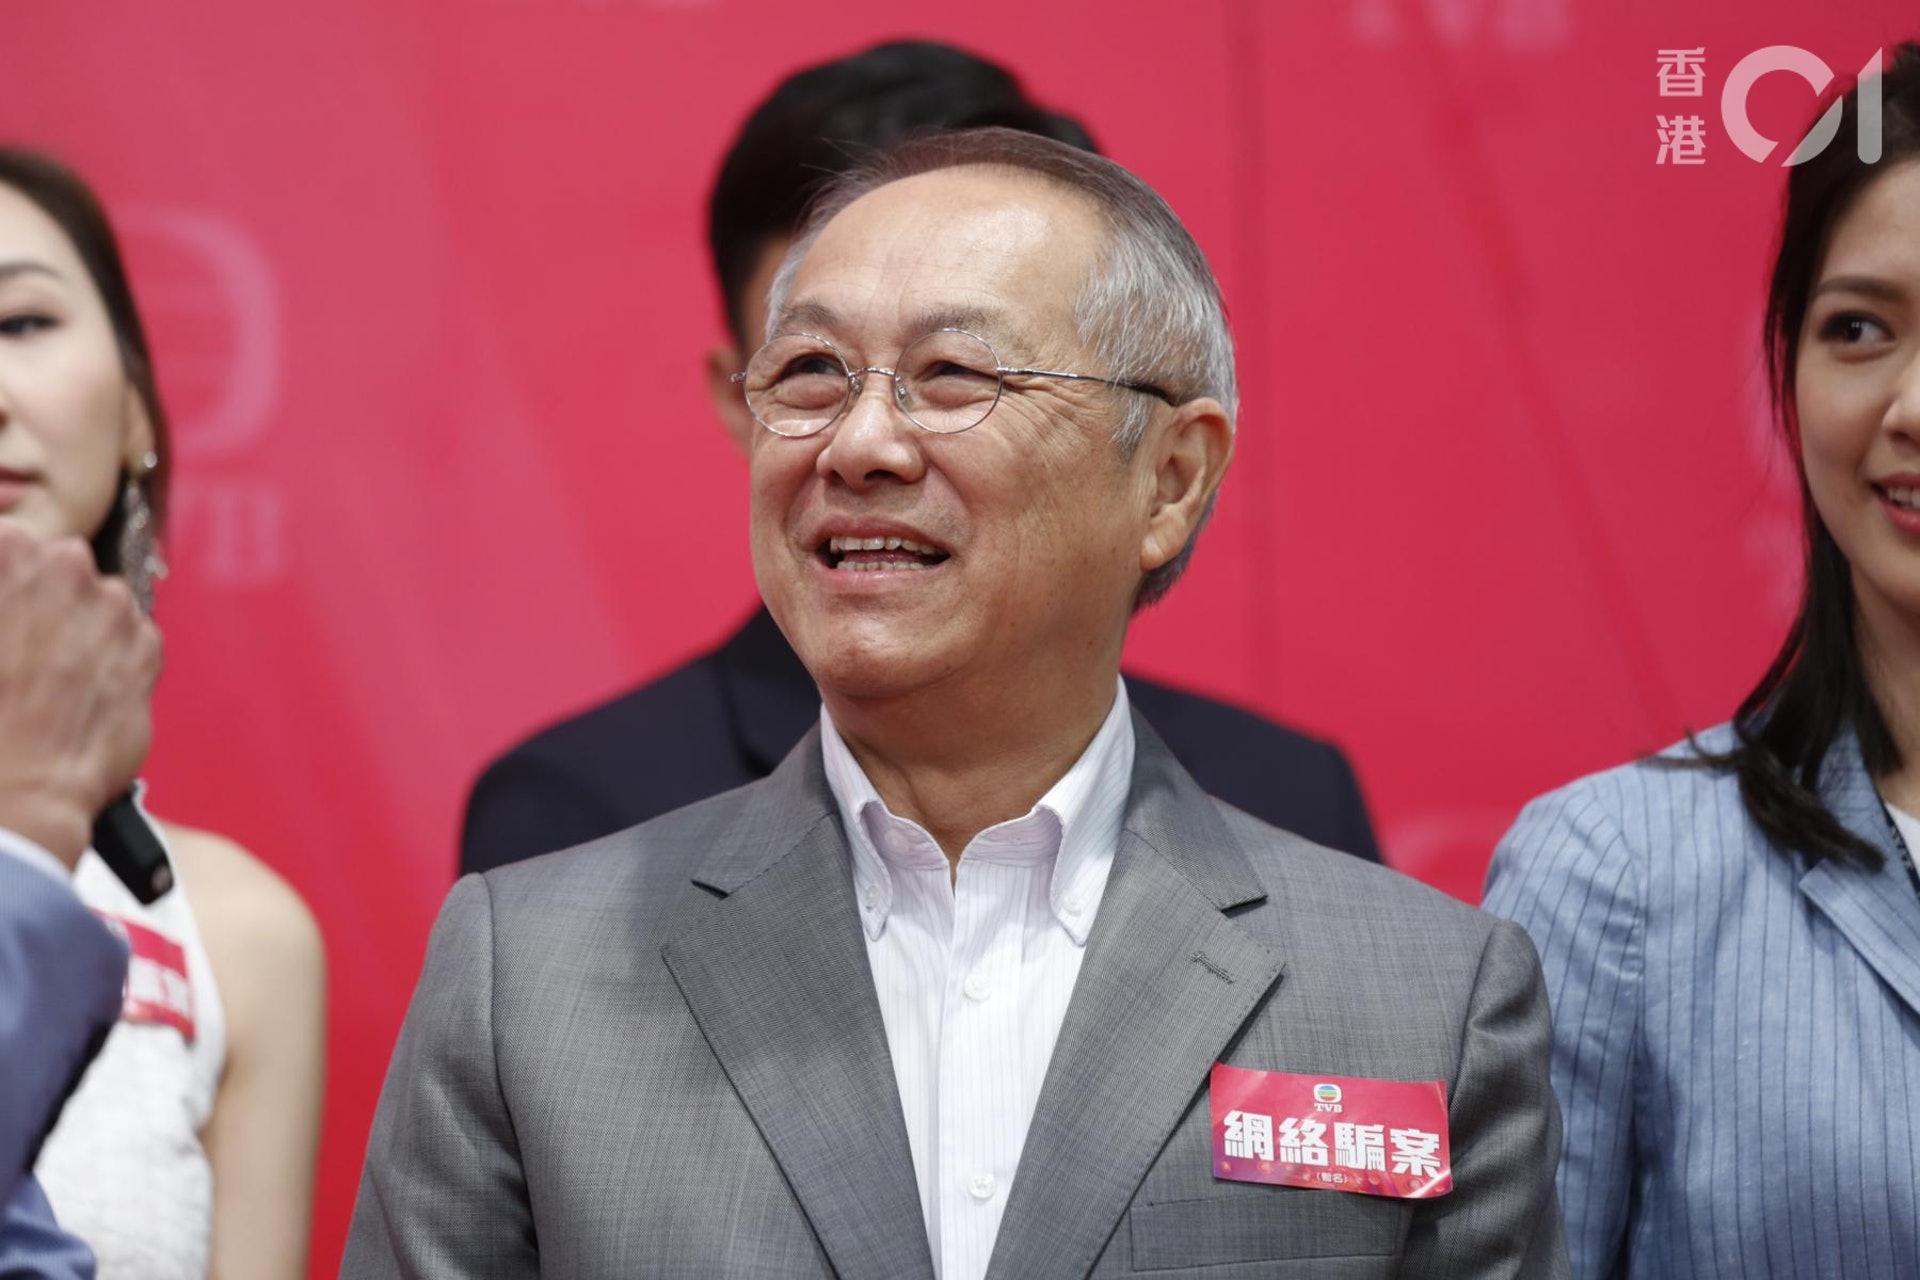 细数今年TVB离巢艺人,欧阳震华不续约,多位老戏骨离巢感可惜